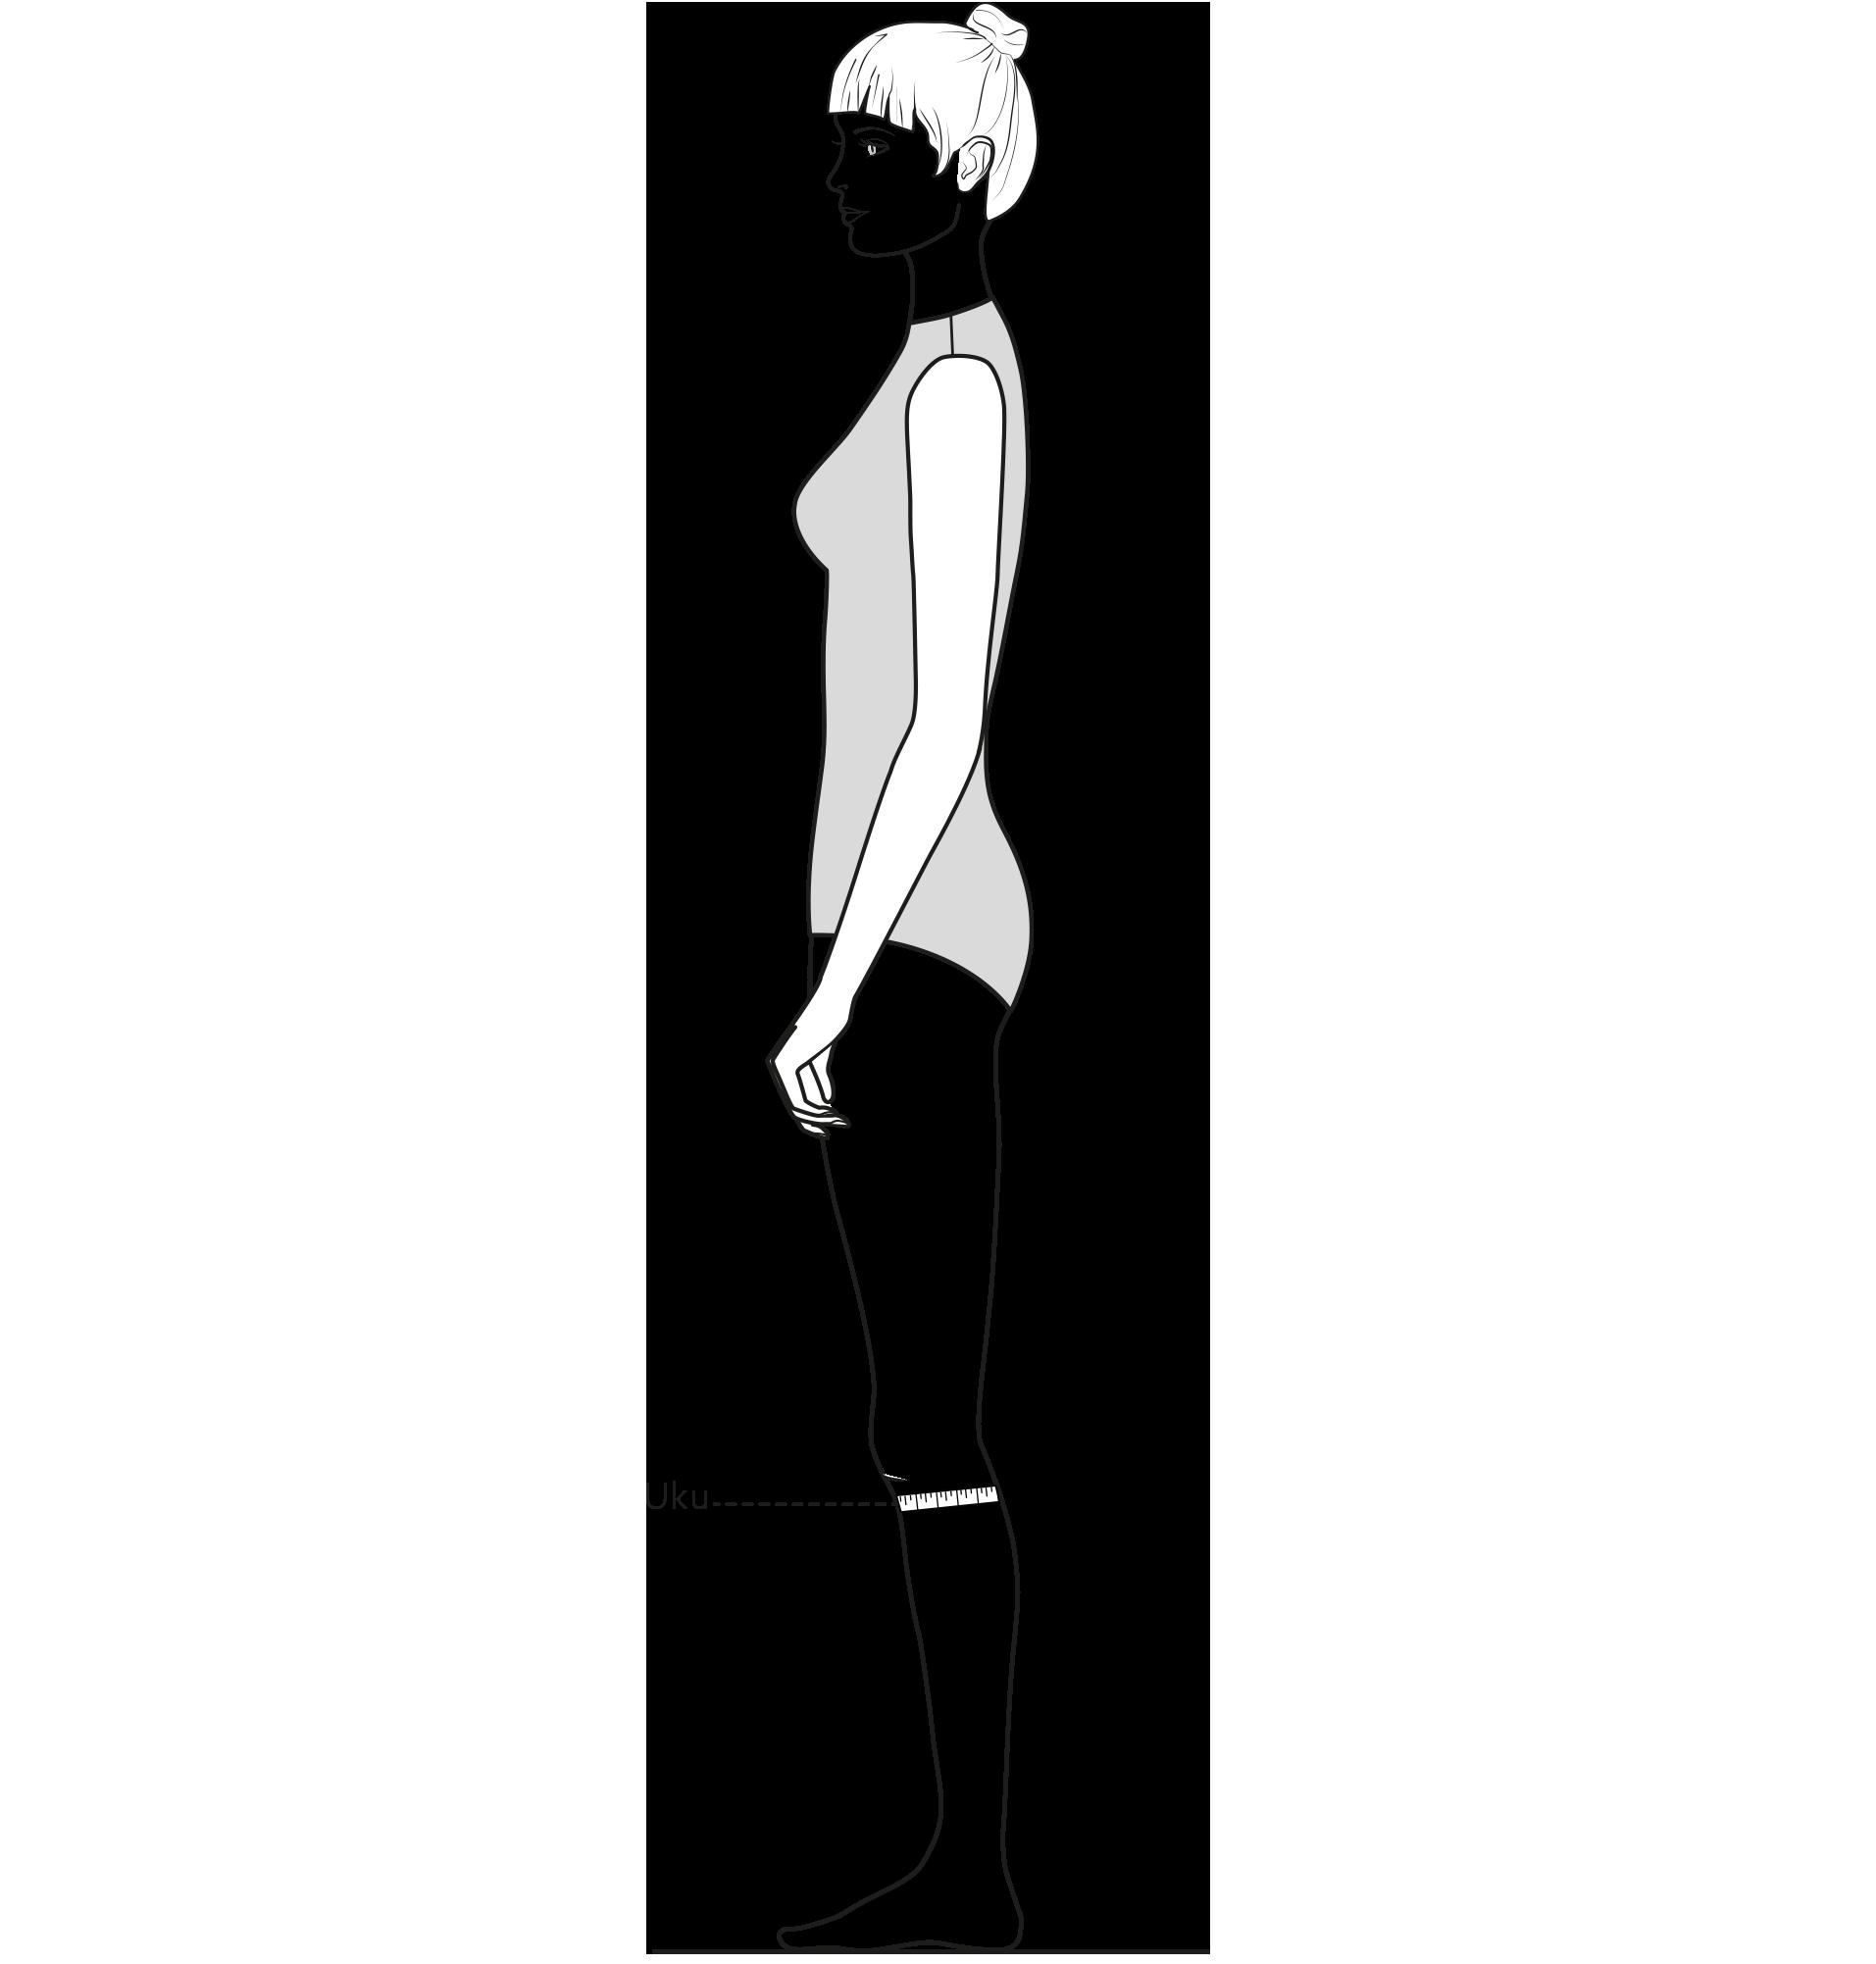 Diese Zeichnung zeigt das Messen des Unterknieumfangs.